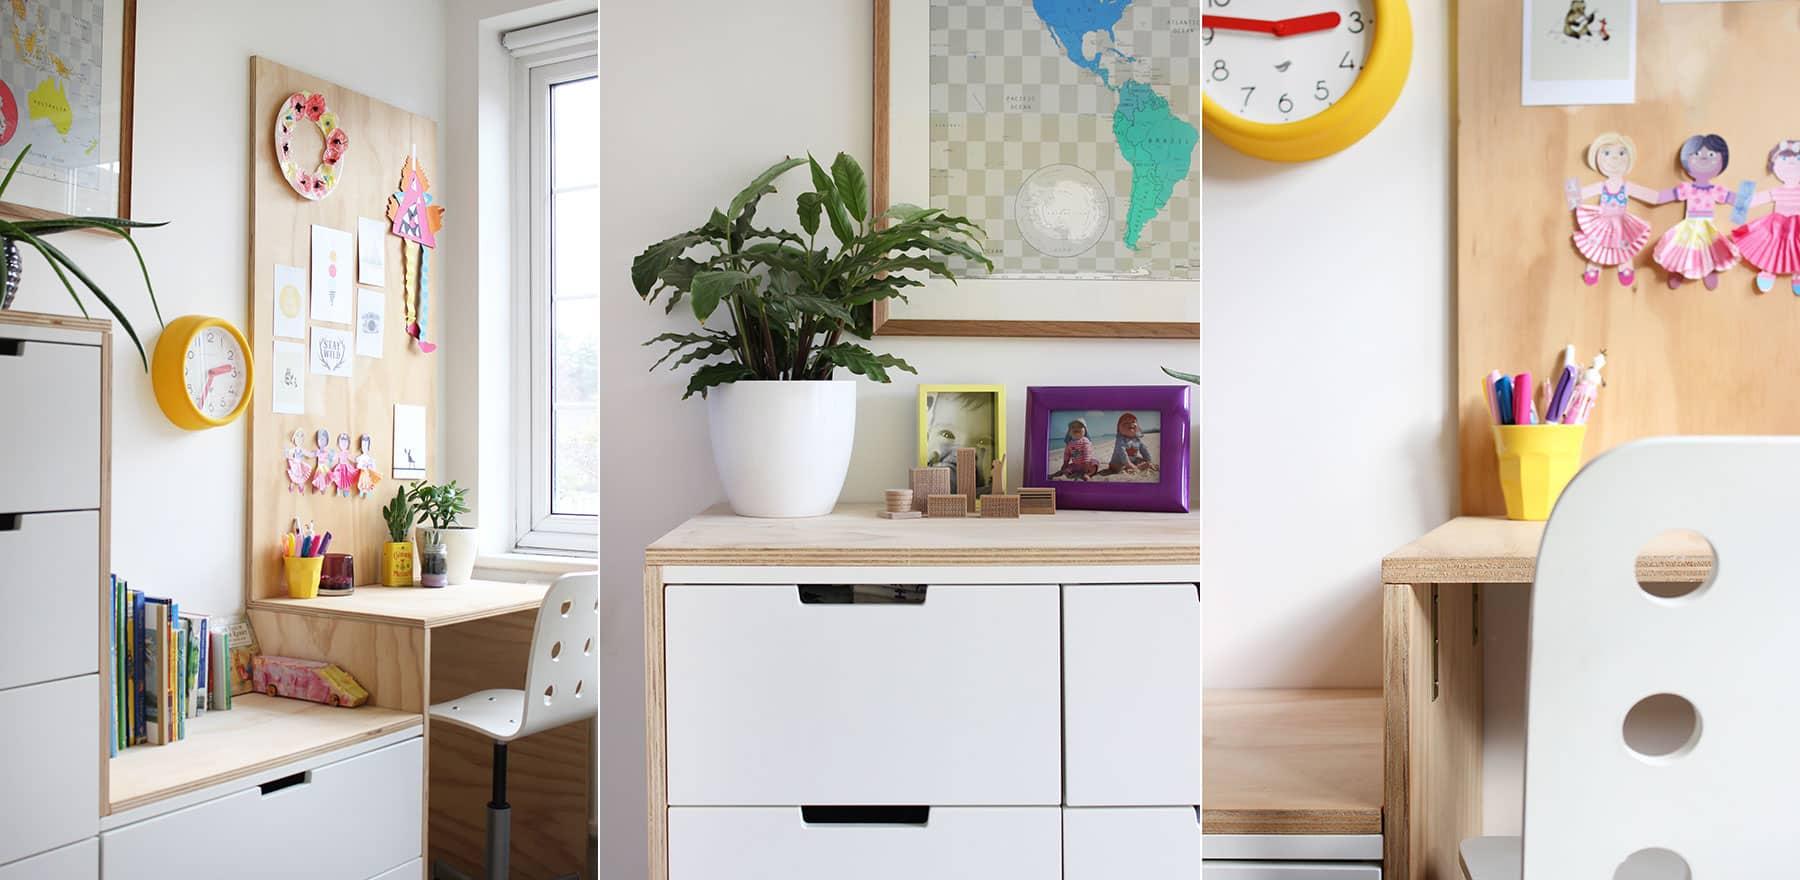 Ikea hack: Nordli